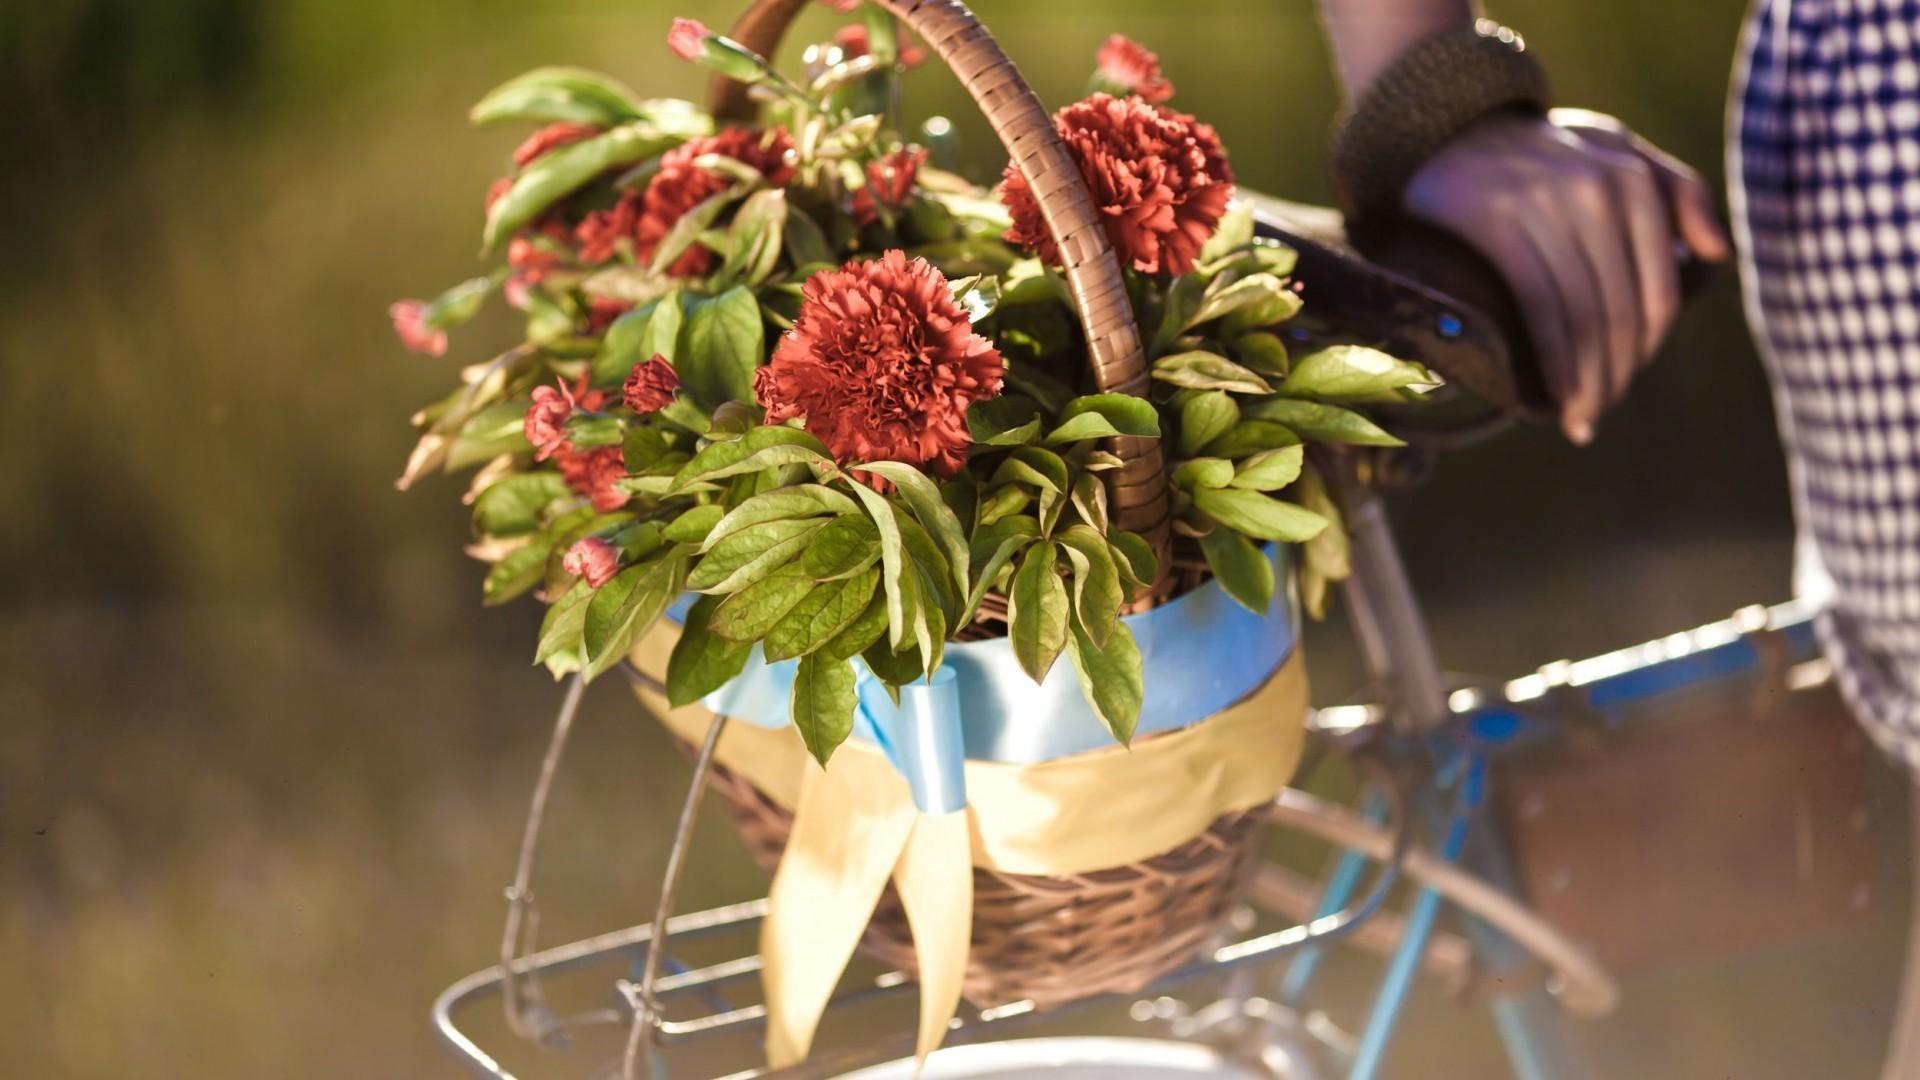 обои на рабочий стол велосипед и цветы семья все родные